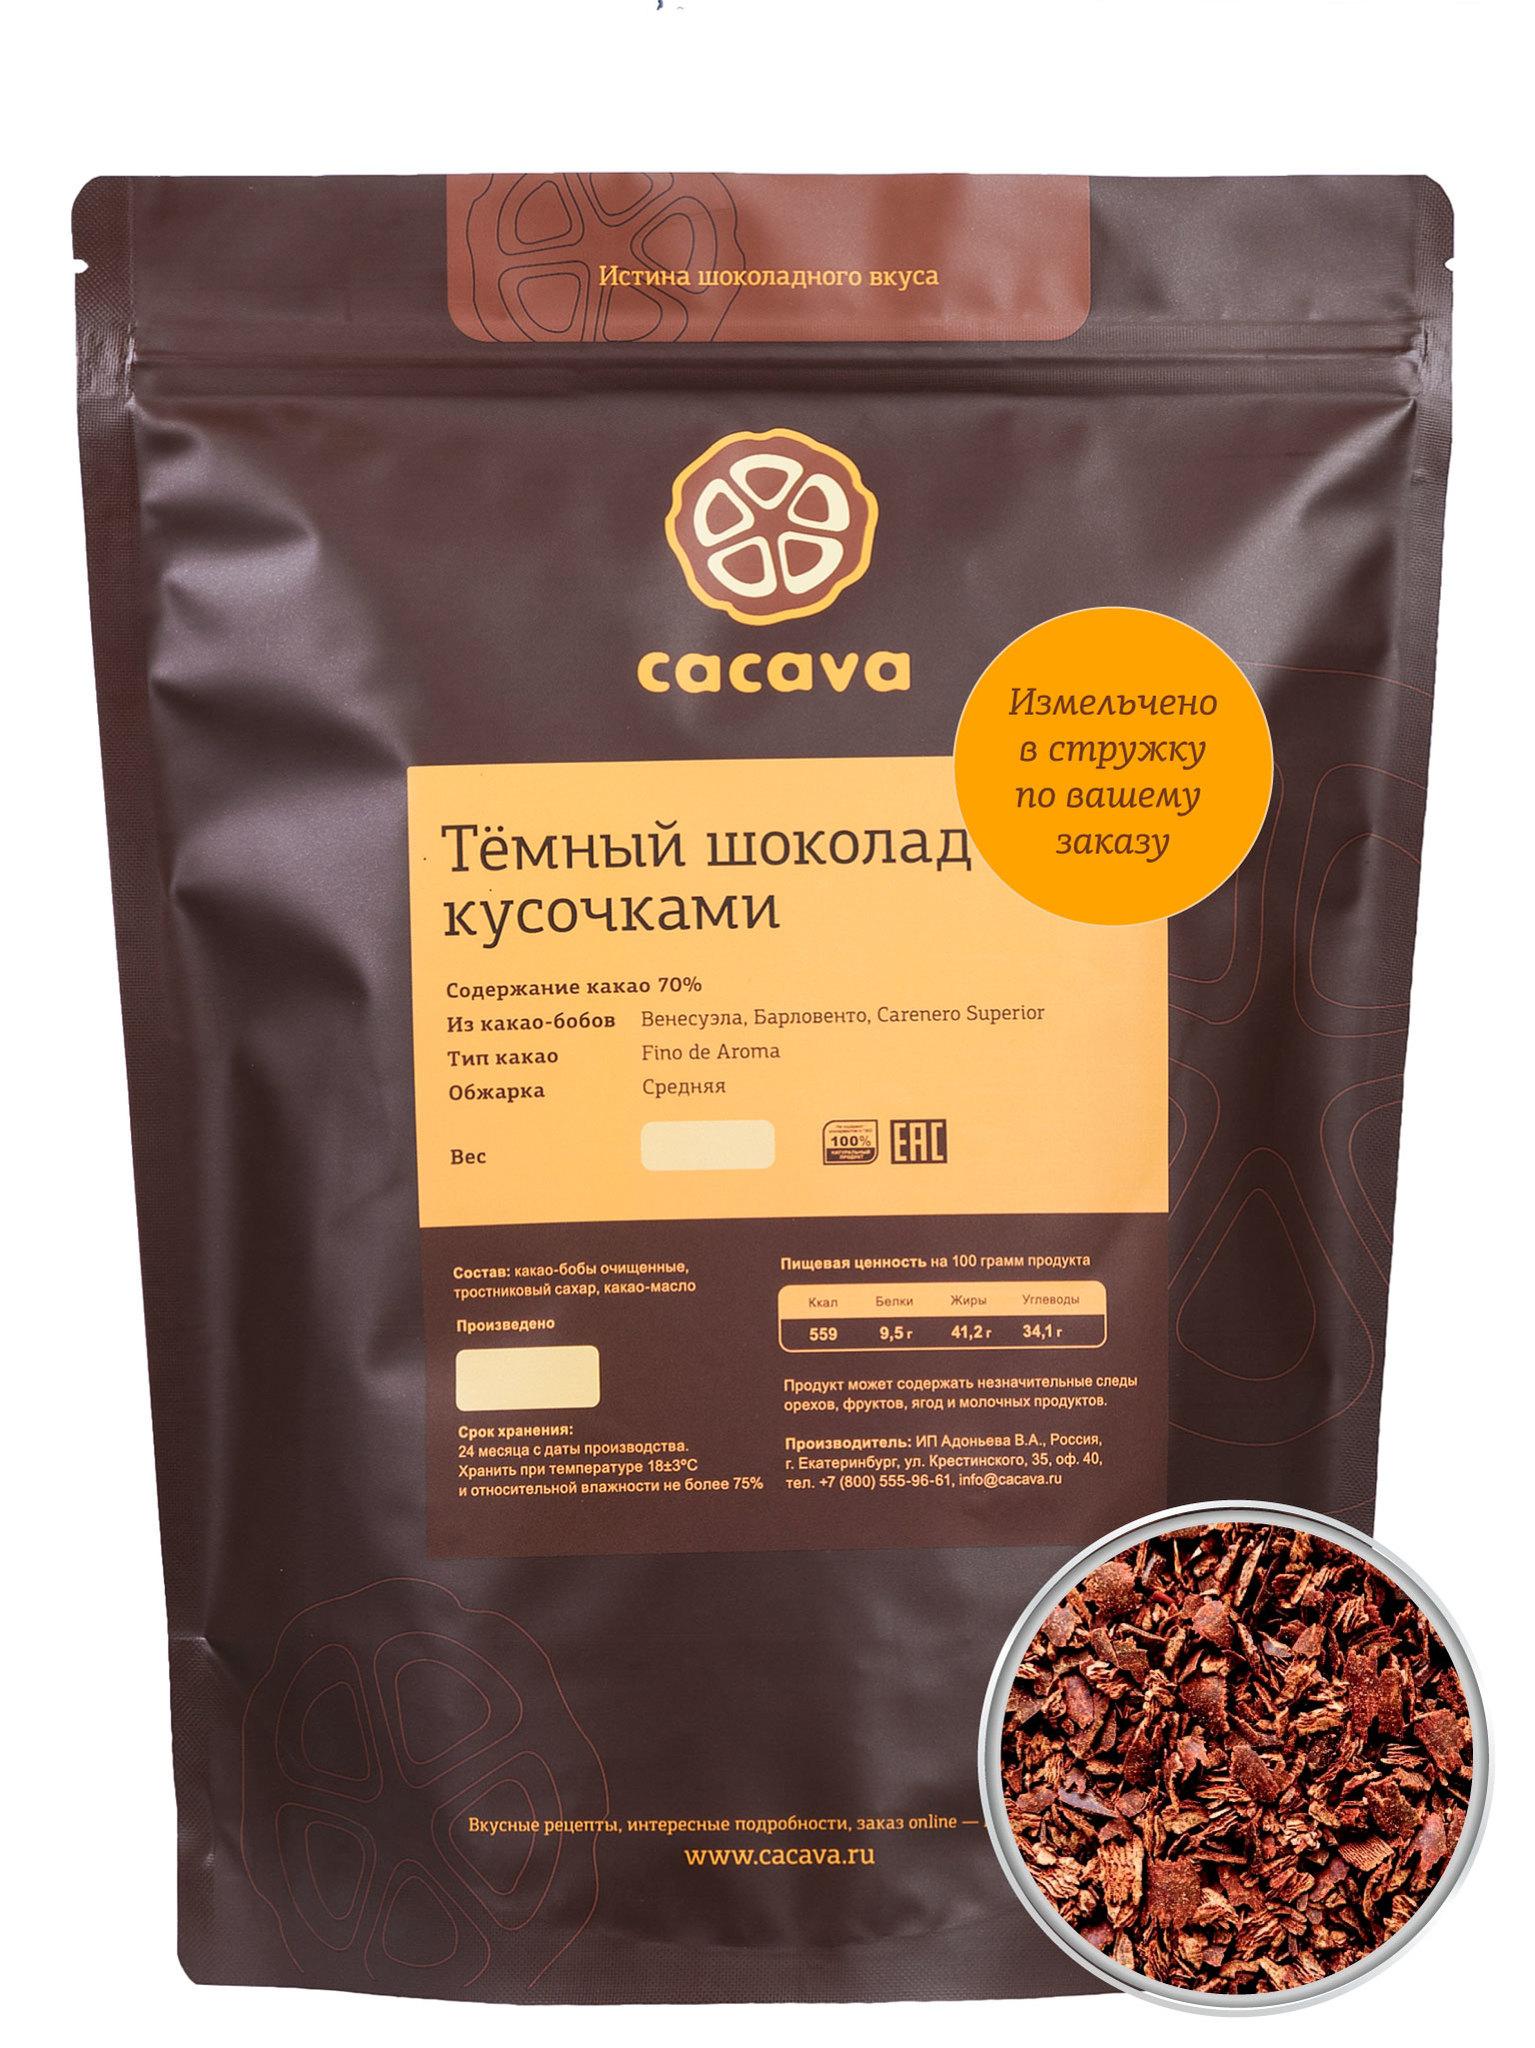 Тёмный шоколад 70 % какао в стружке (Венесуэла), упаковка 1 кг